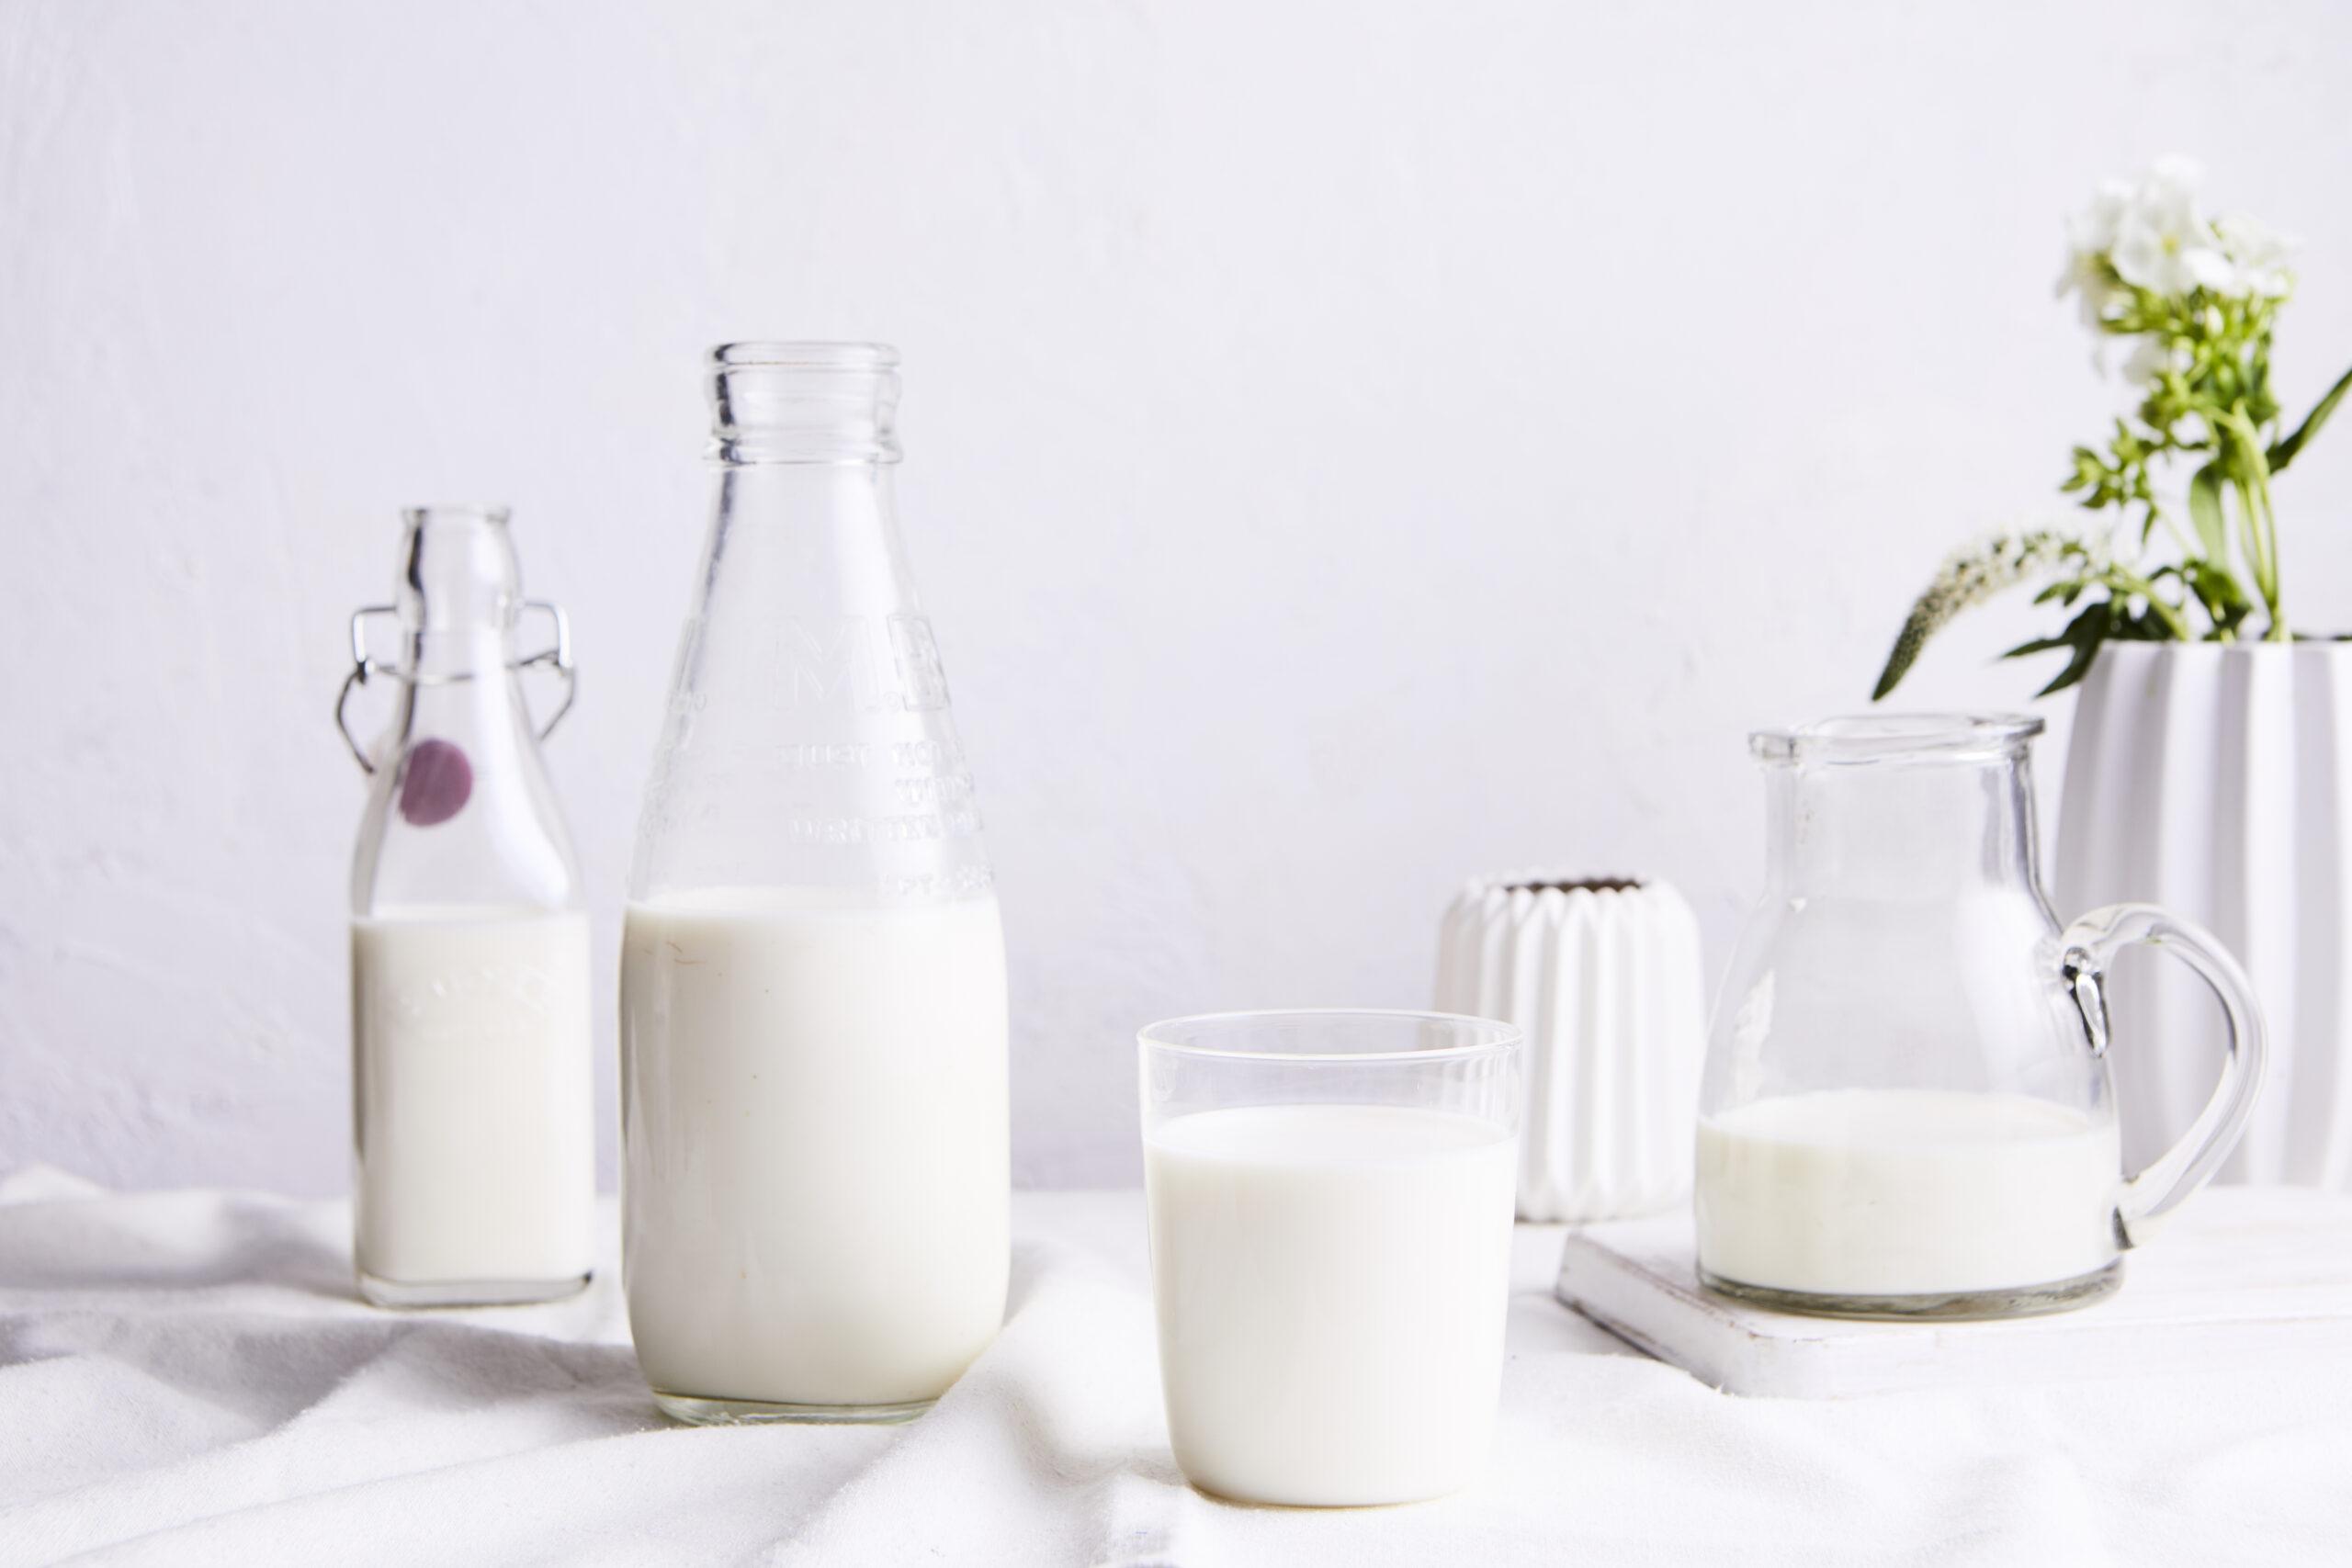 Productos lácteos - Irlanda